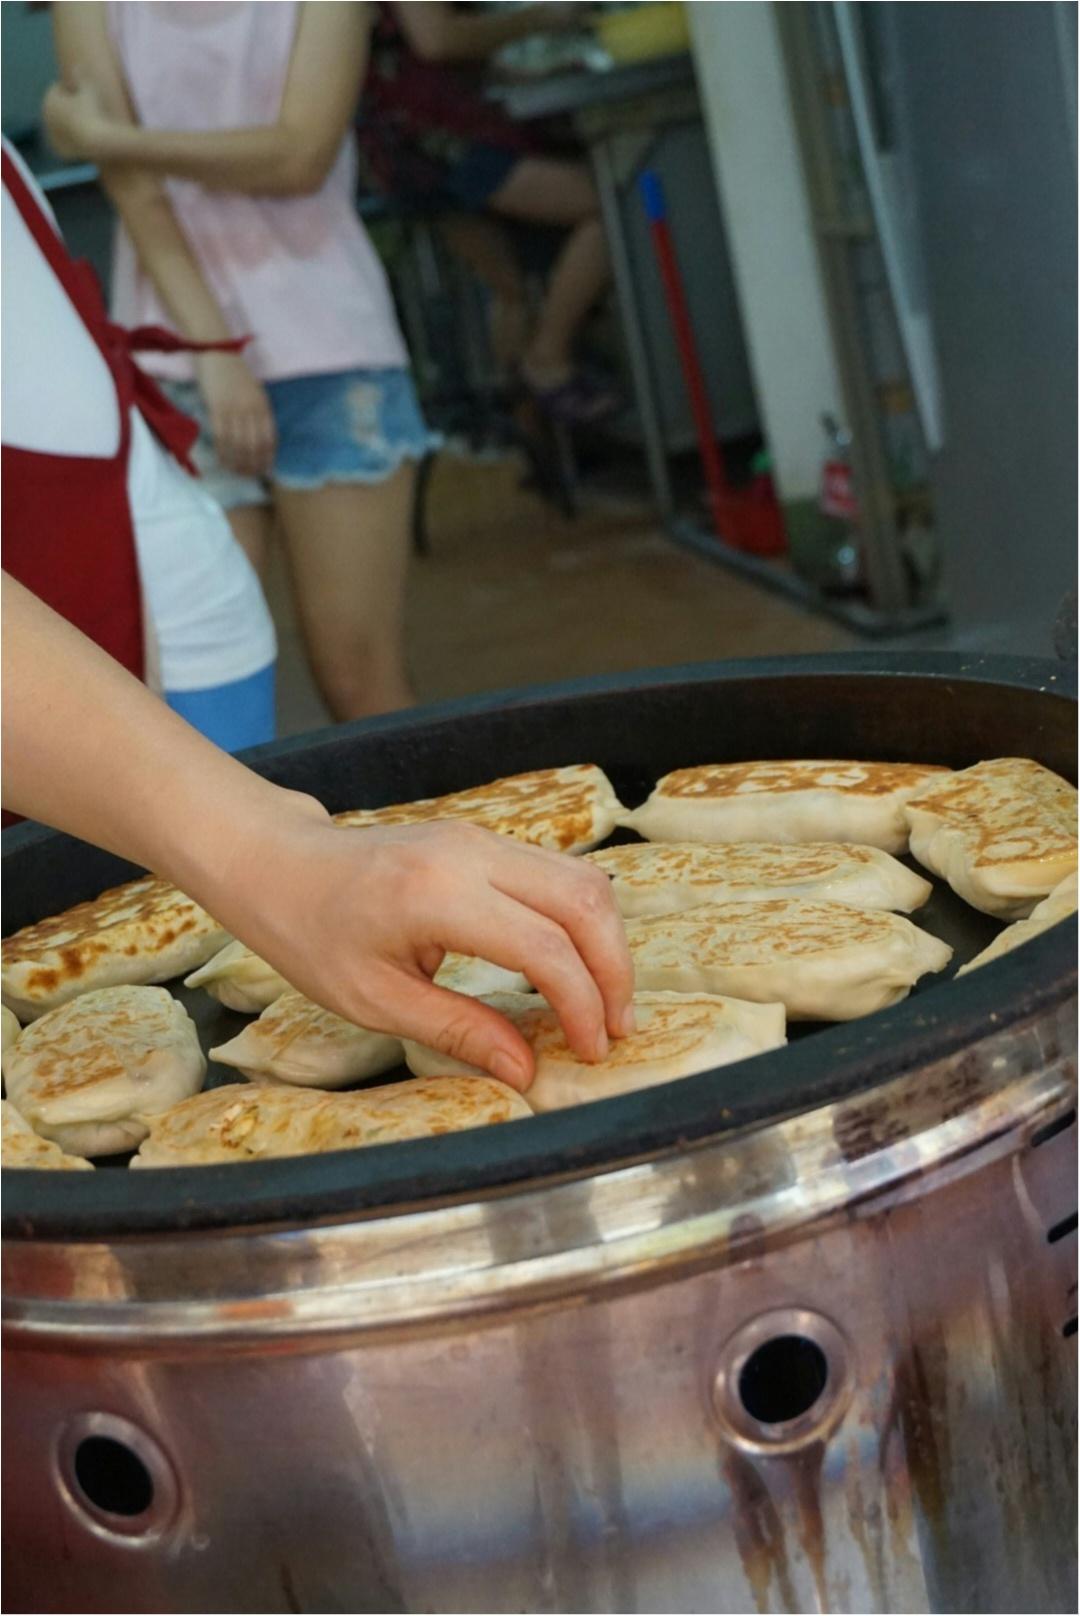 台湾のおしゃれなカフェ&食べ物特集 - 人気のタピオカや小籠包も! 台湾女子旅におすすめのグルメ情報まとめ_74